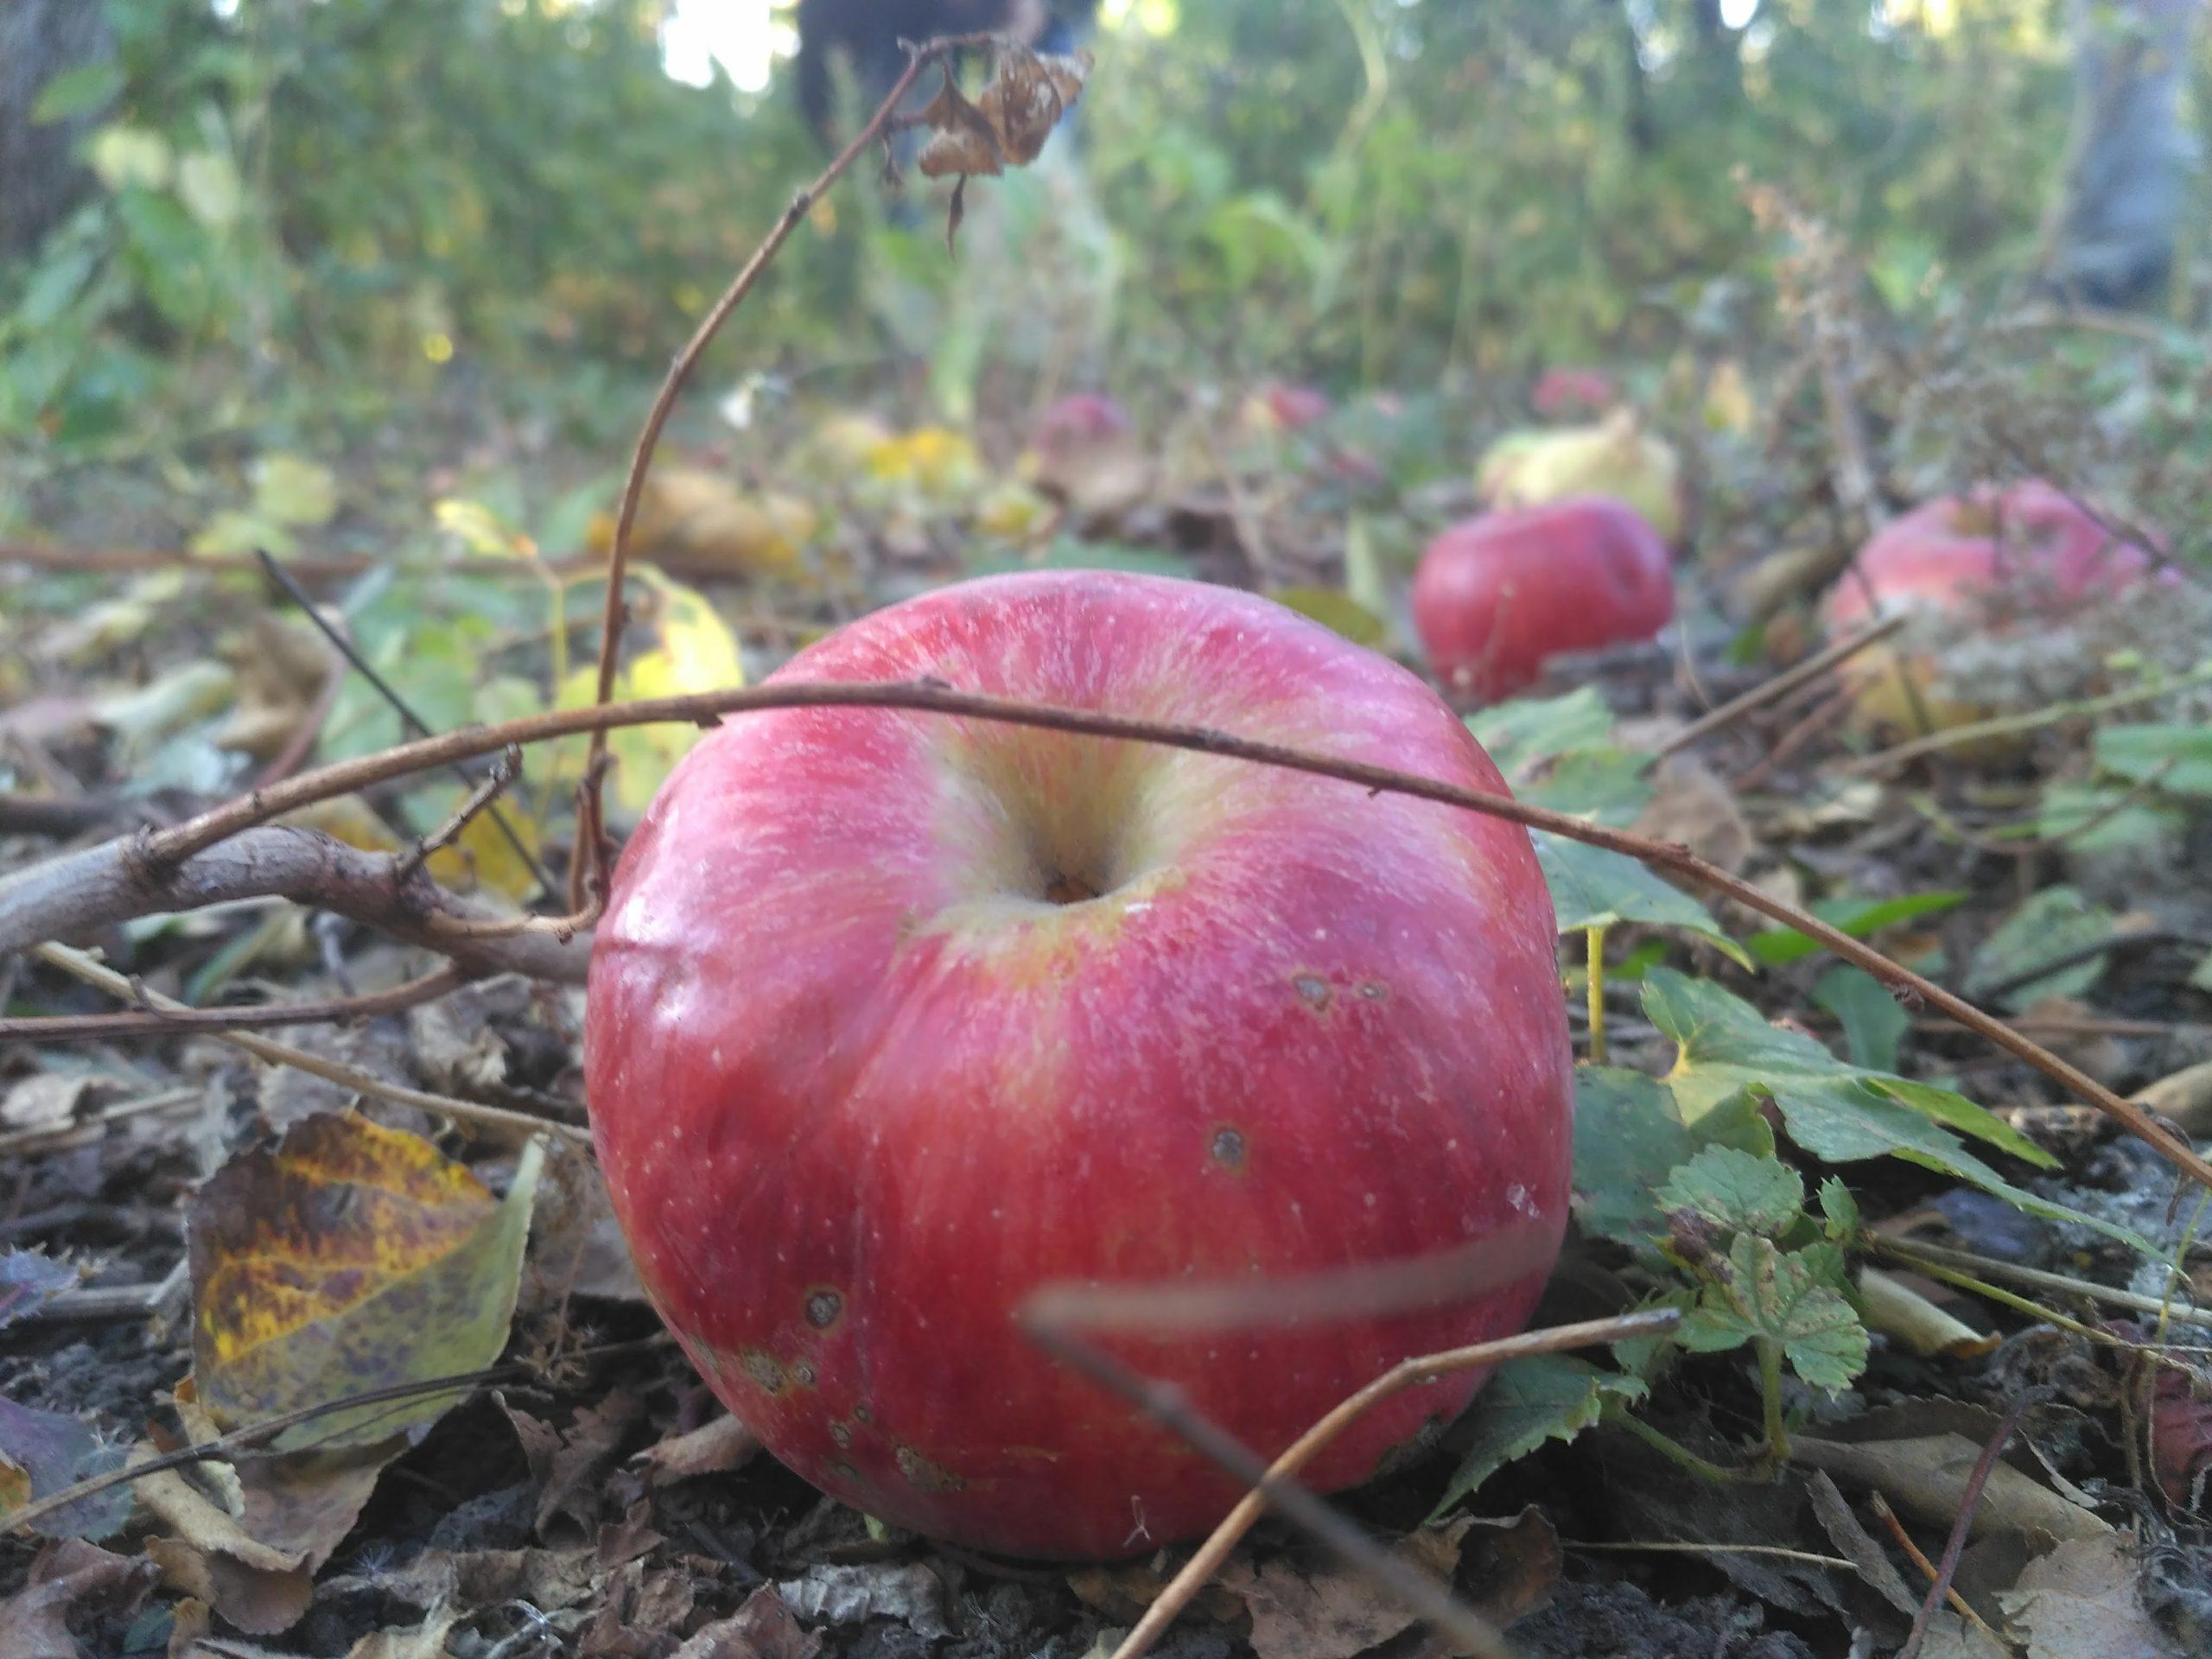 яблоки, красное яблоко, яблоко на земле